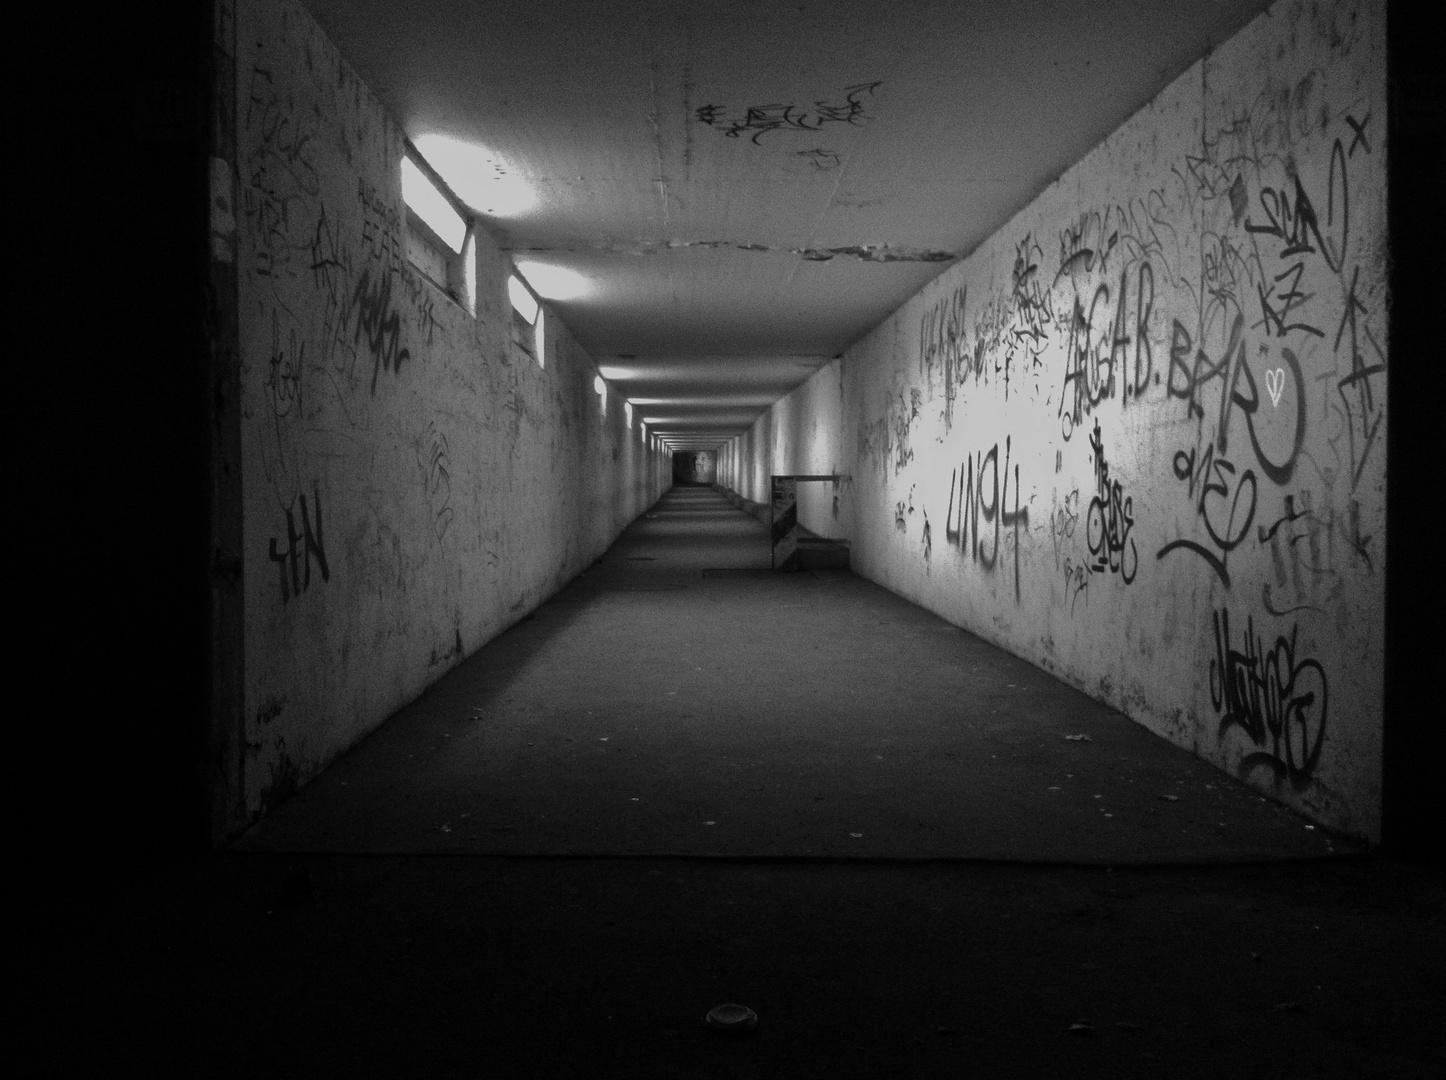 bavaria ghetto